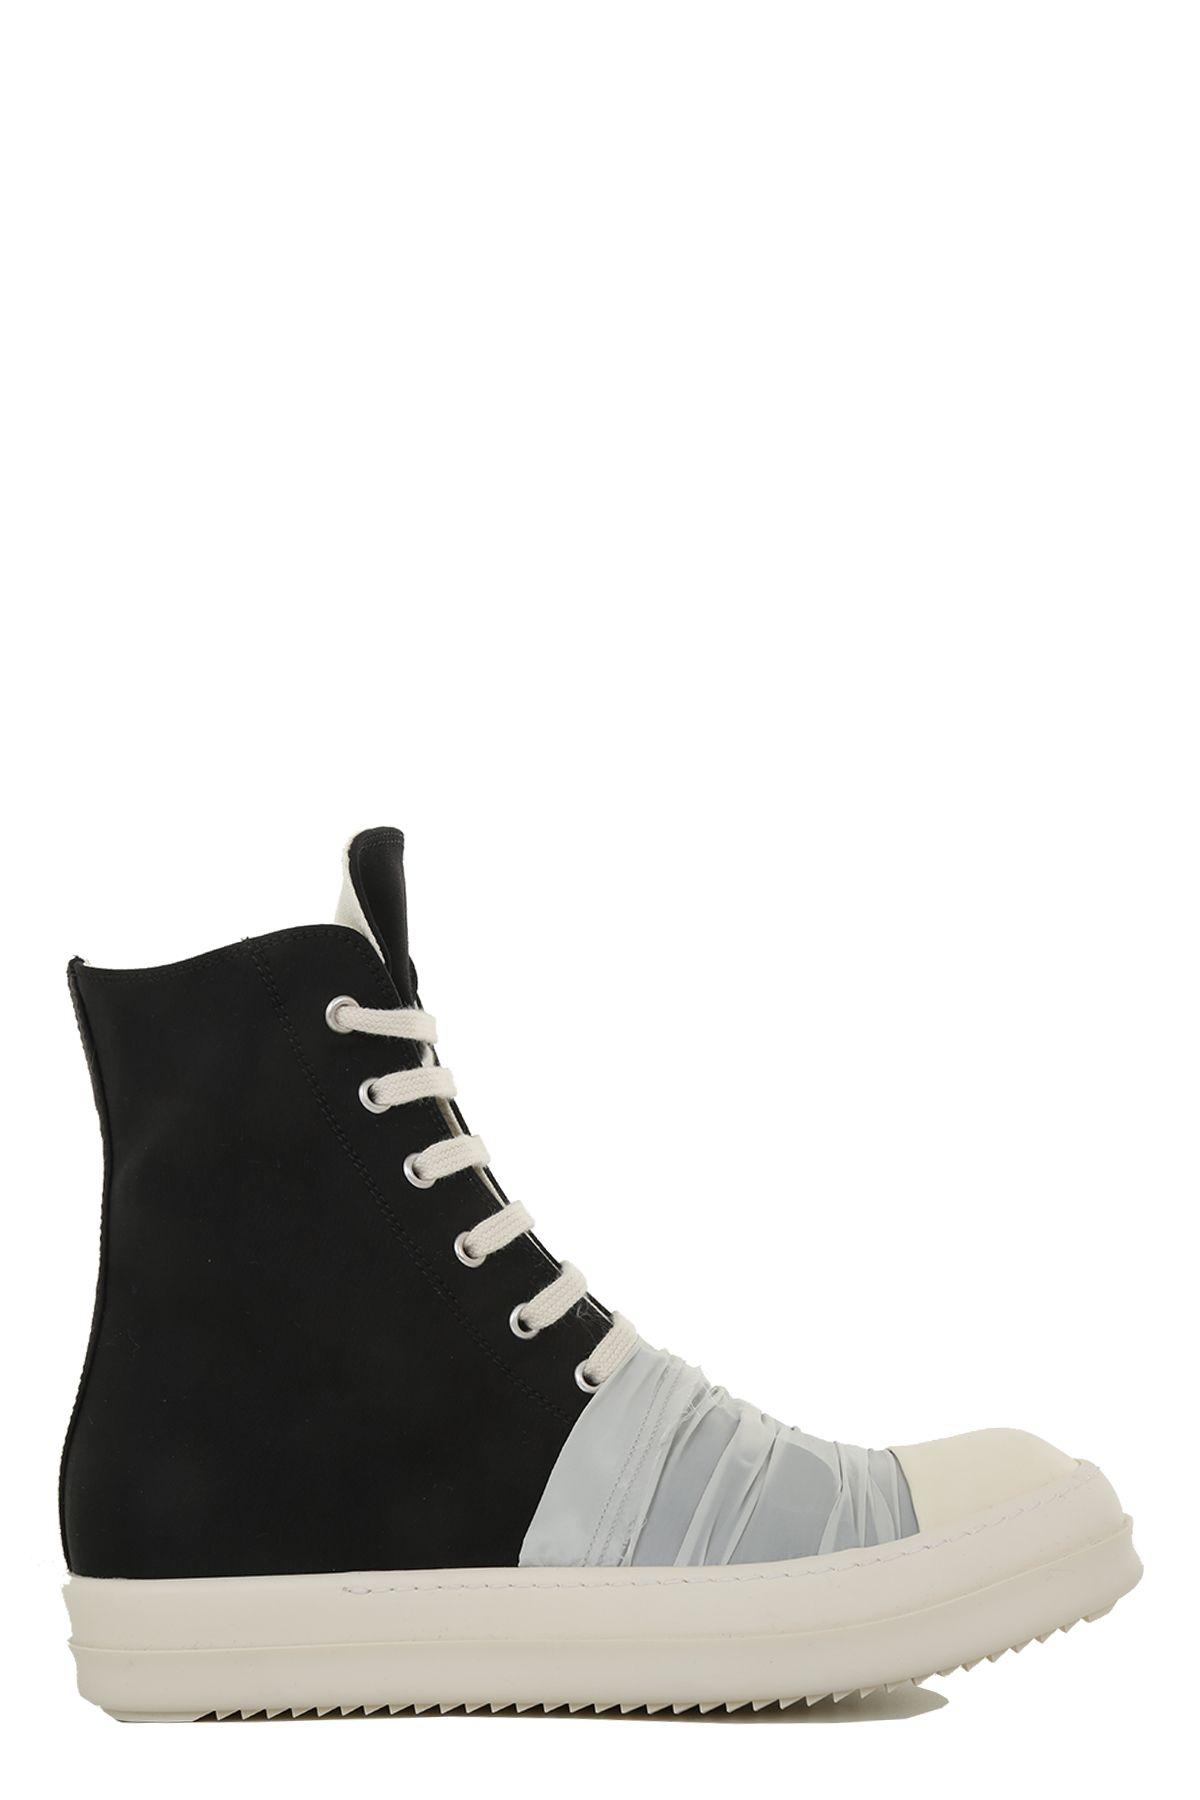 Du17f2800 Muevp Sneakers